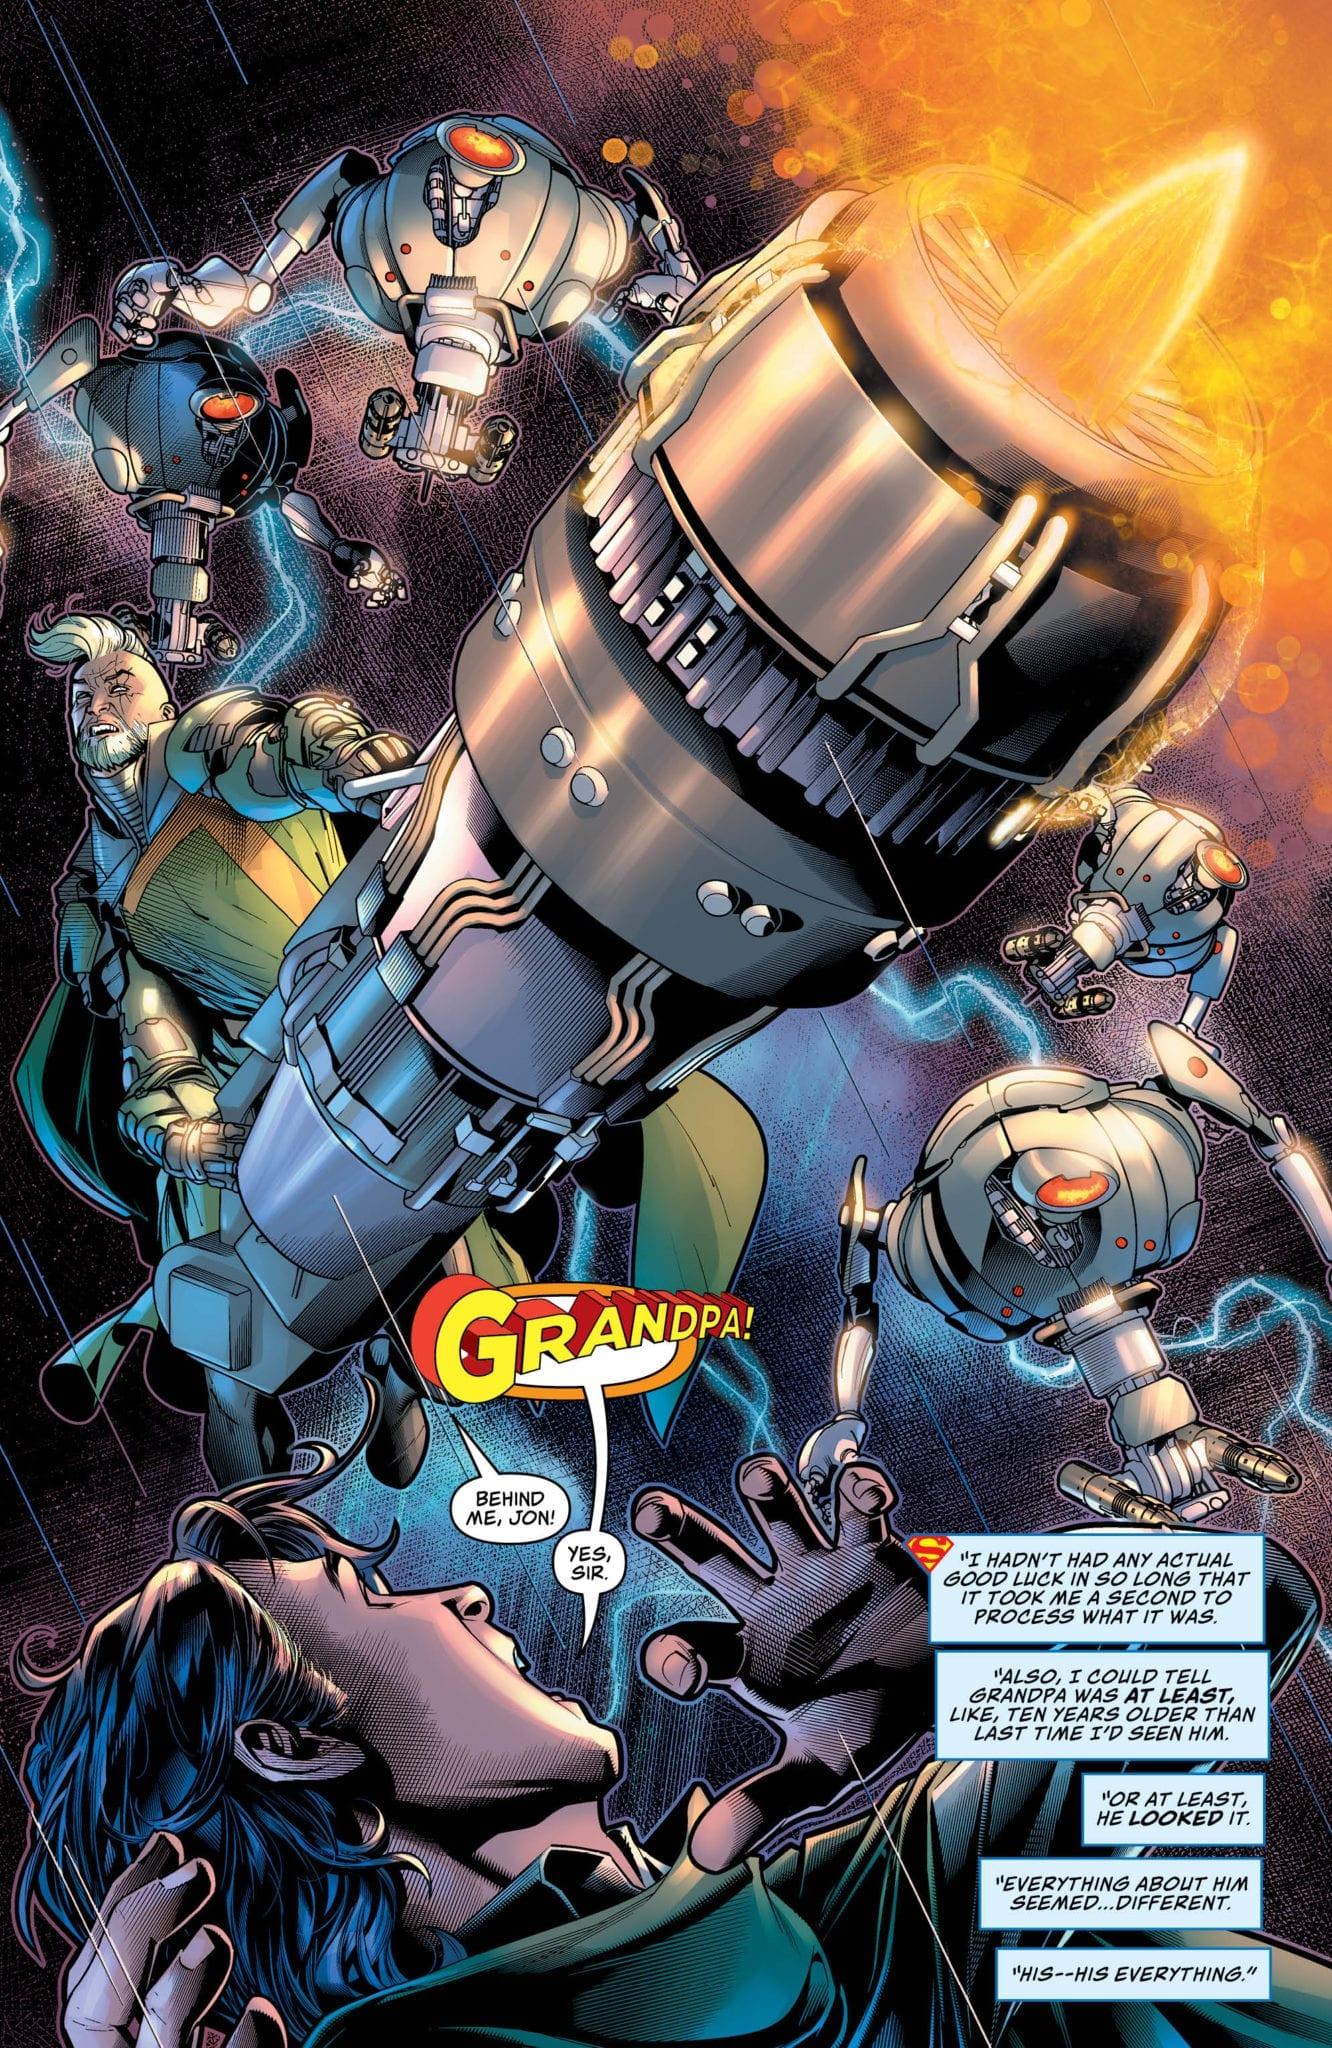 Jor-El saving Superboy